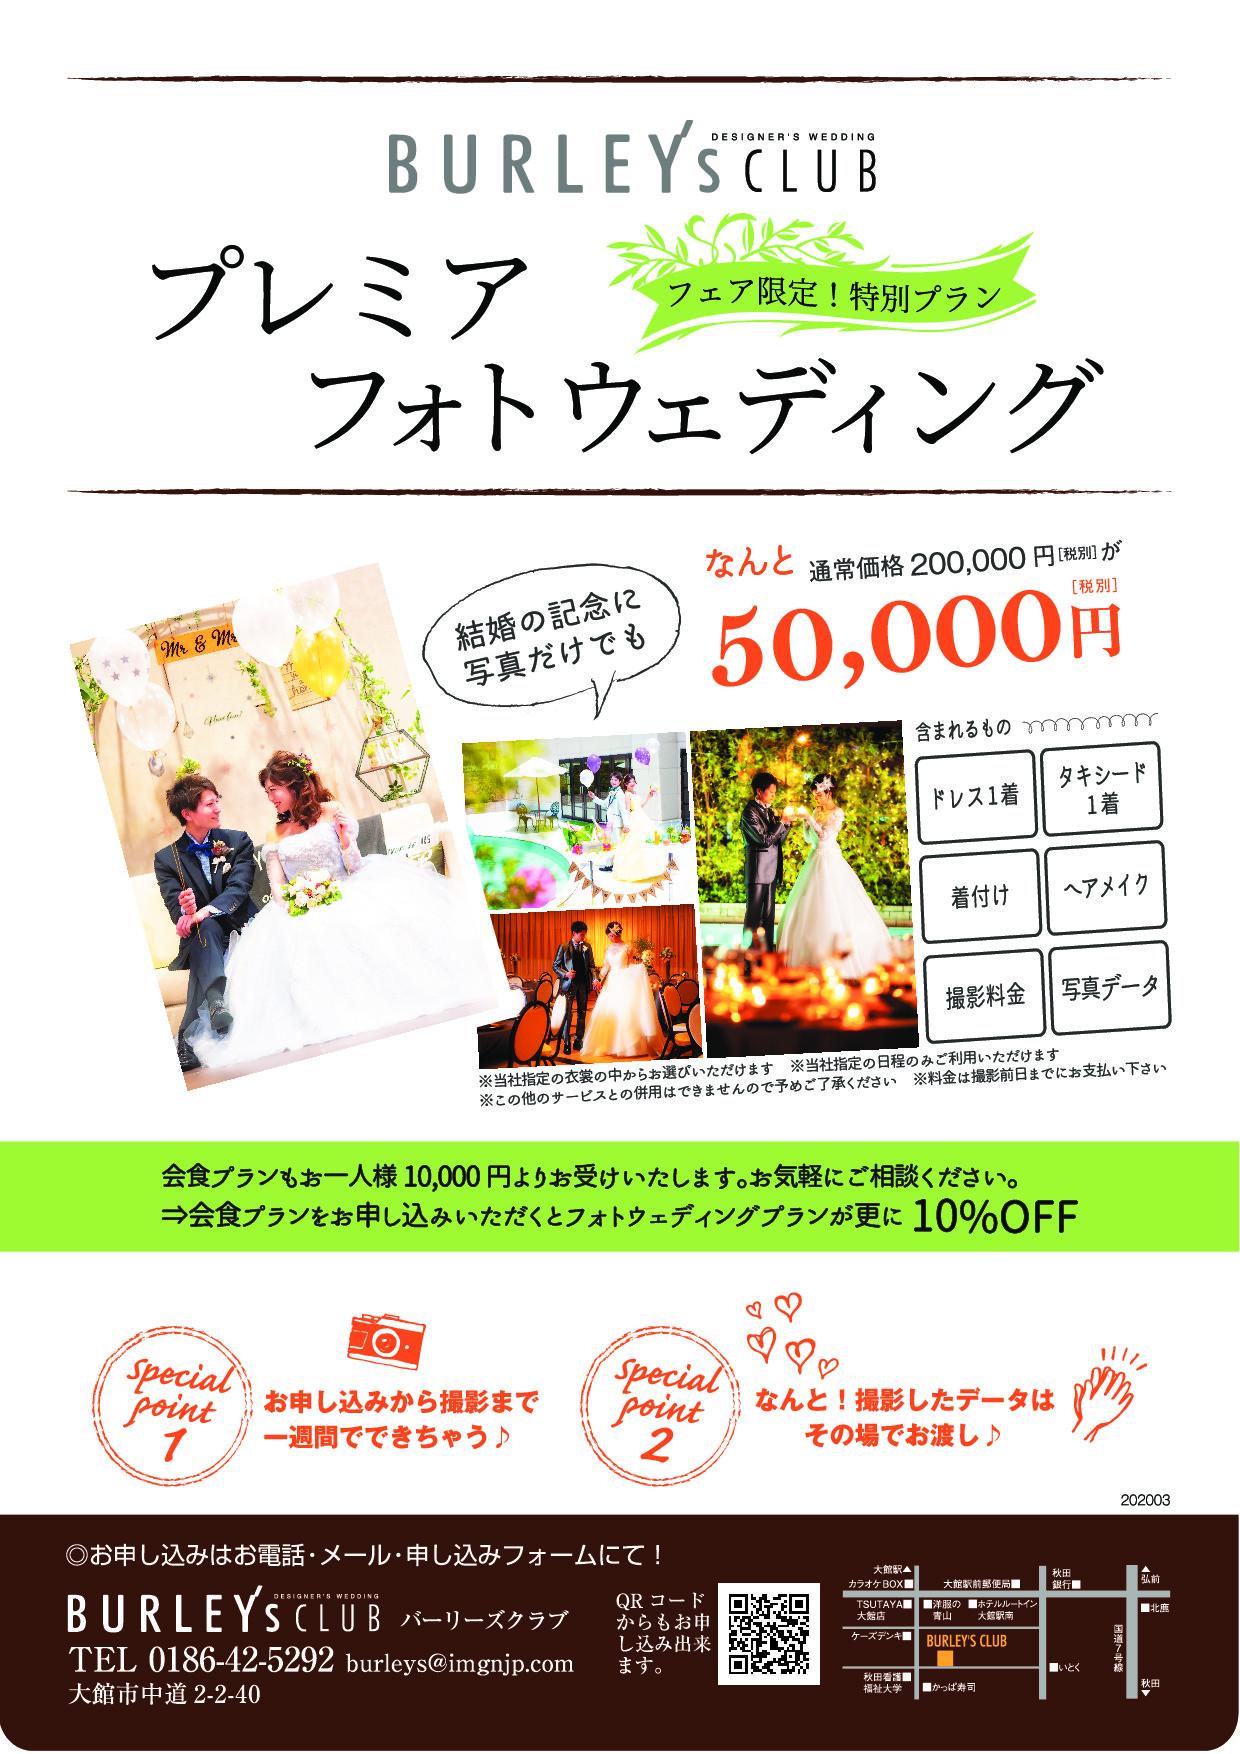 【5万円で叶う!プレミアフォトウェディングプラン】相談会